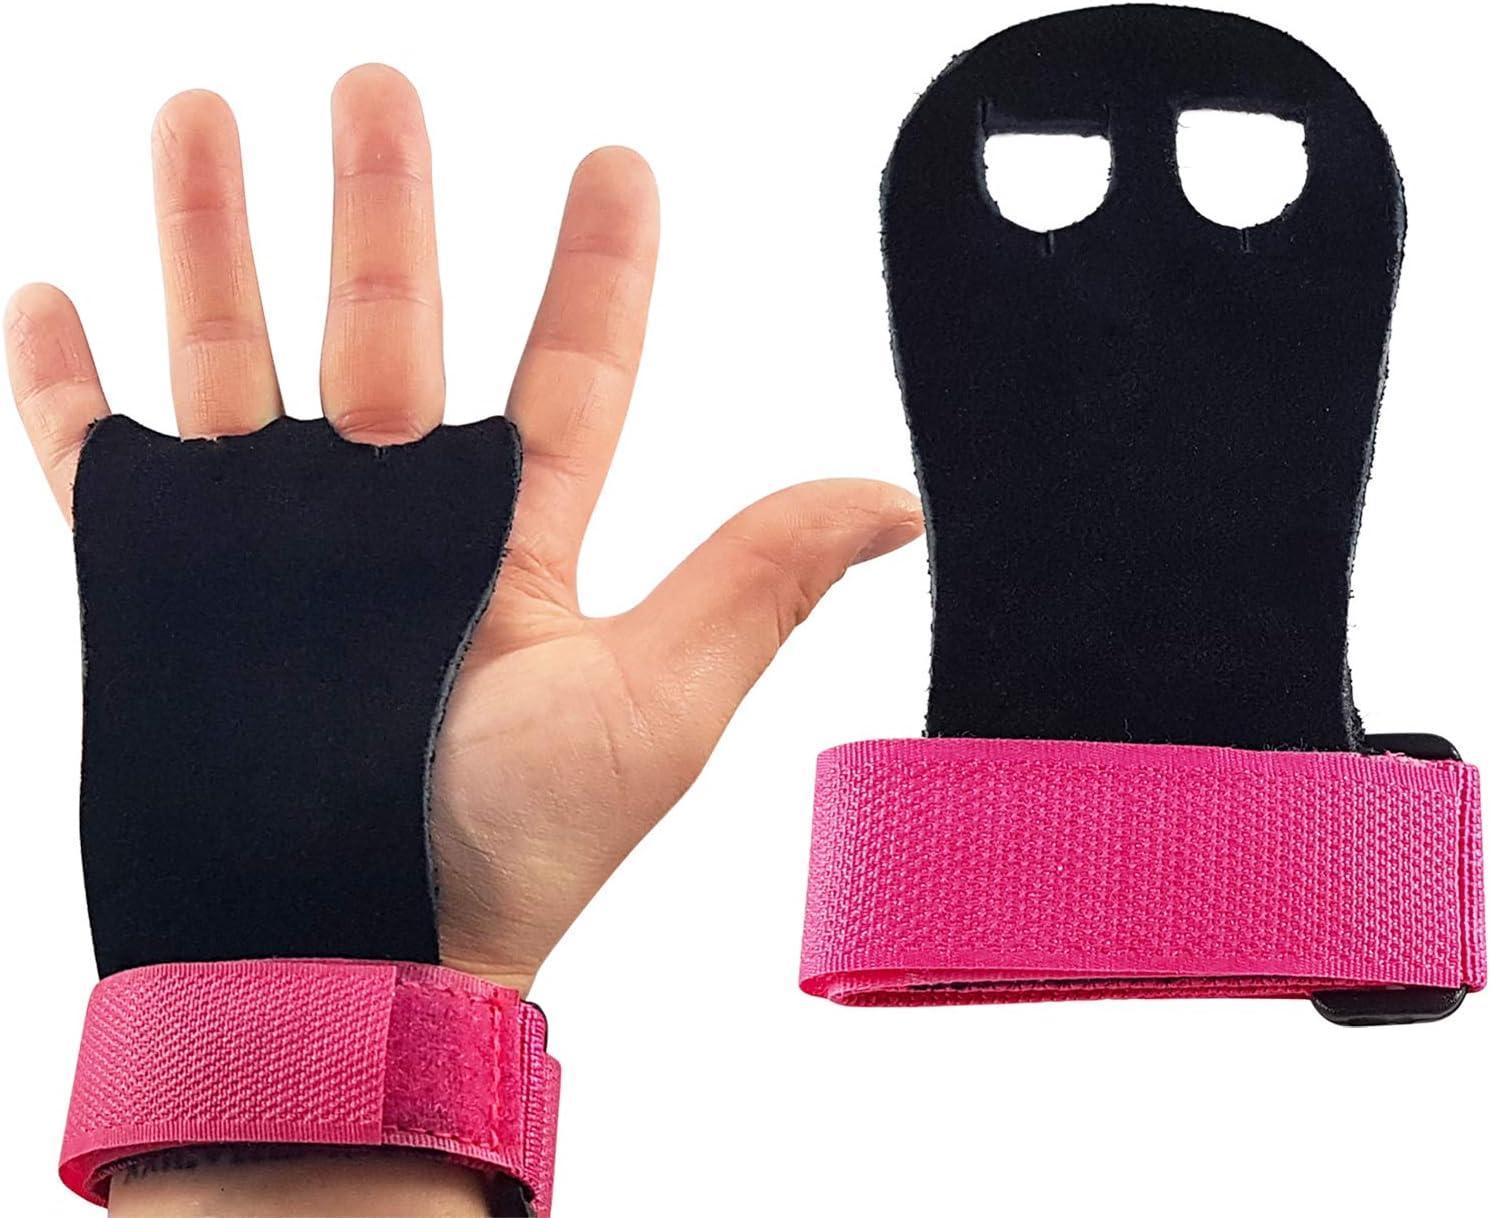 CZ Store®-Par guantes de gimnasia-✮GARANTÍA DE POR VIDA✮-Manoplas de gimnasia de cuero 4 tallas 2 colores Protección de las palmas de las manos durante los ejercicios de tracción/crossfit/barra